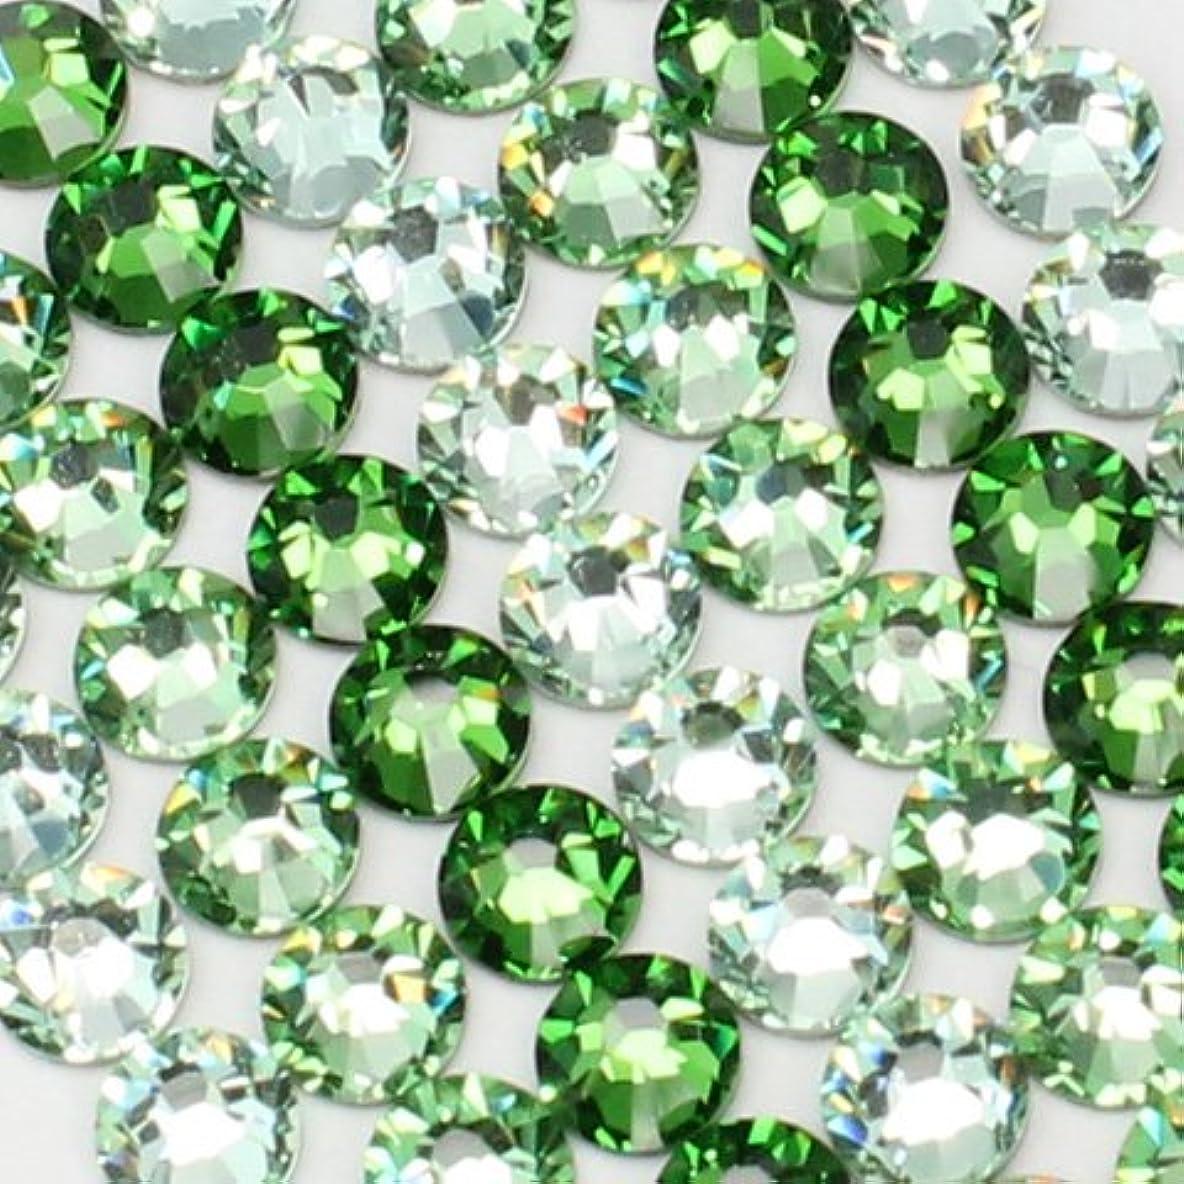 畝間立派な応用お試しアートMIX[グリーン]クリソライト、ペリドット、ファーングリーン/スワロフスキー(Swarovski)/ラインストーン ss16(各20粒)